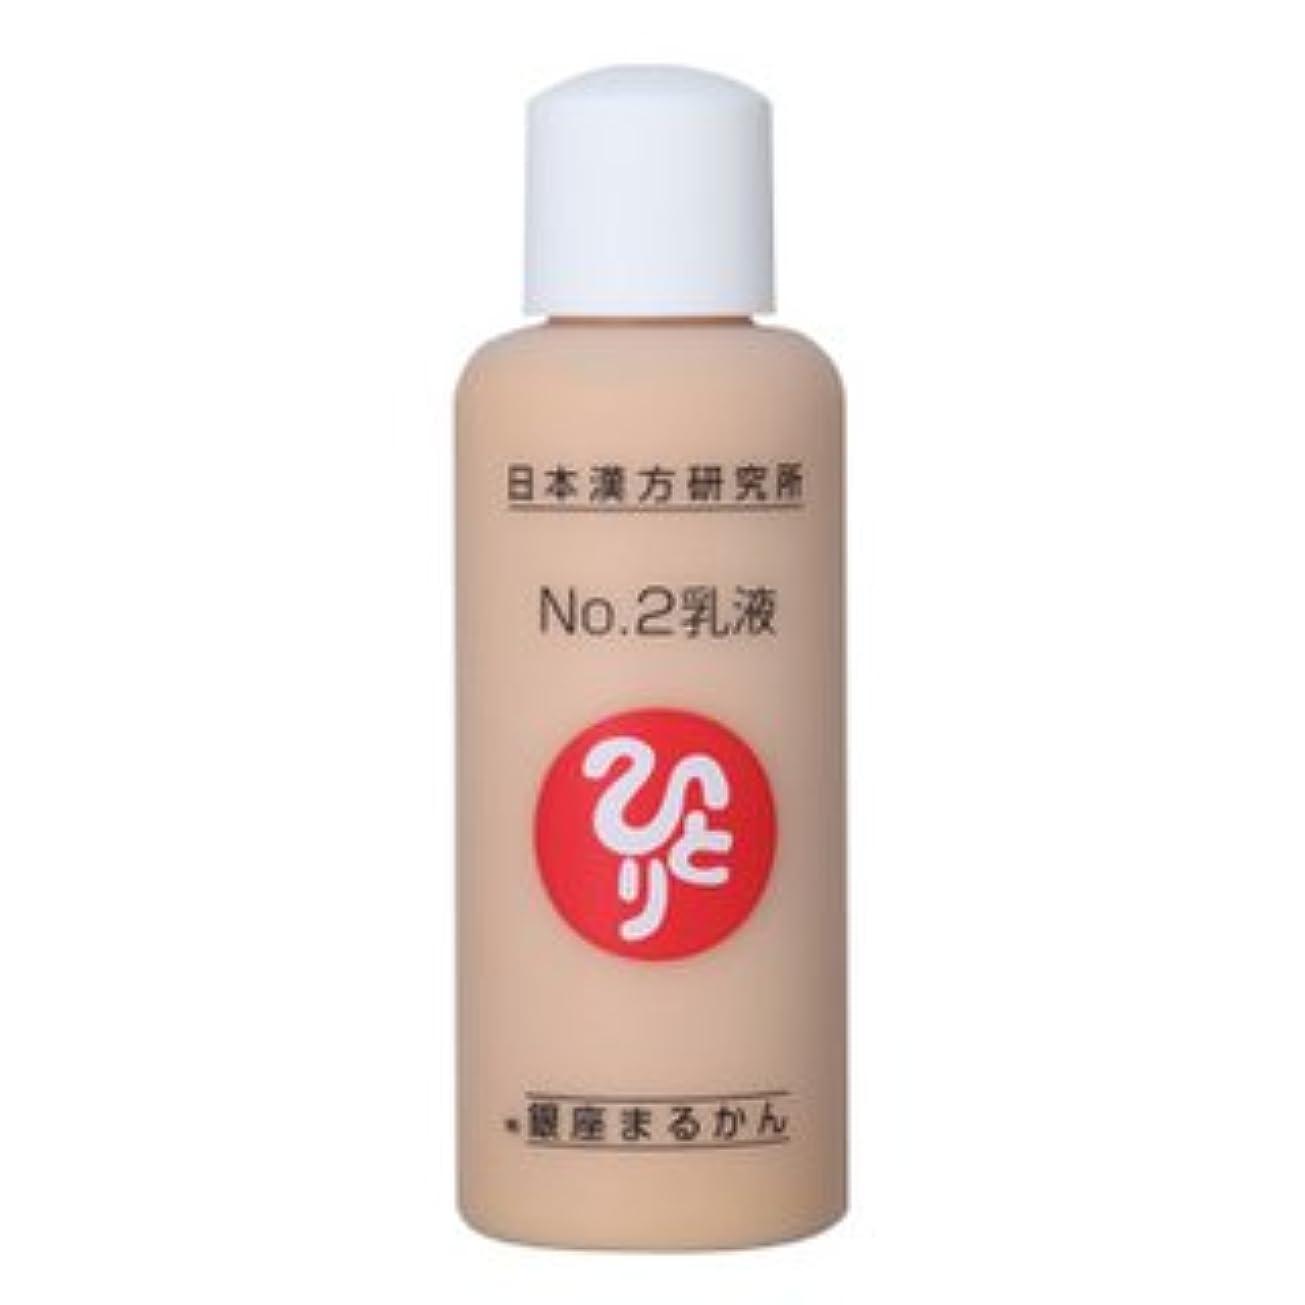 ライン地震食料品店銀座まるかん No.2乳液